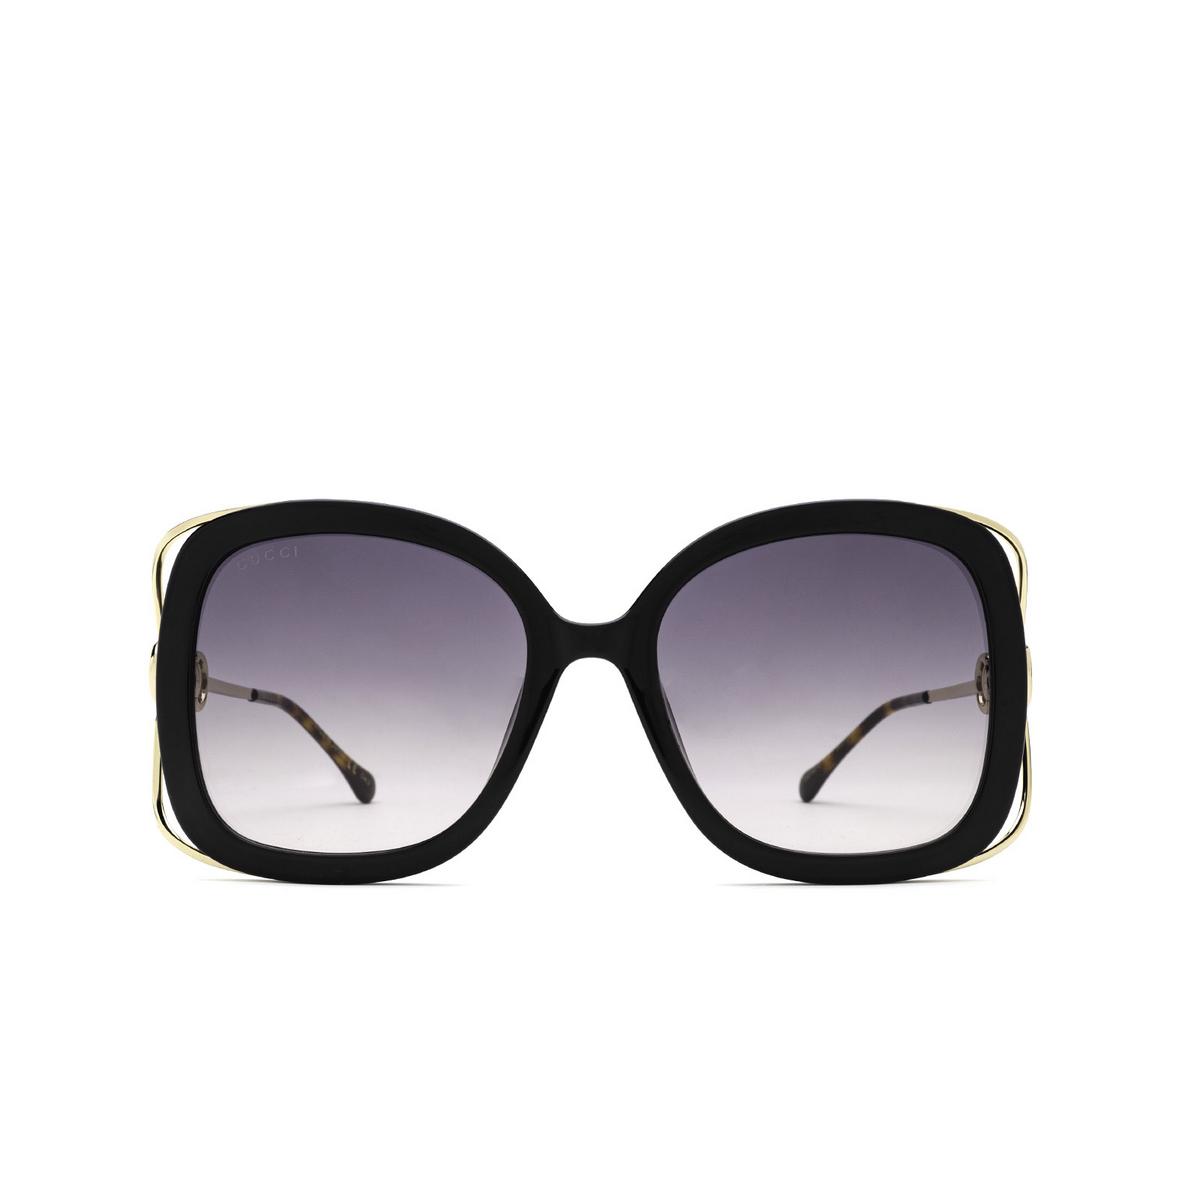 Gucci® Square Sunglasses: GG1021S color Black 002 - front view.